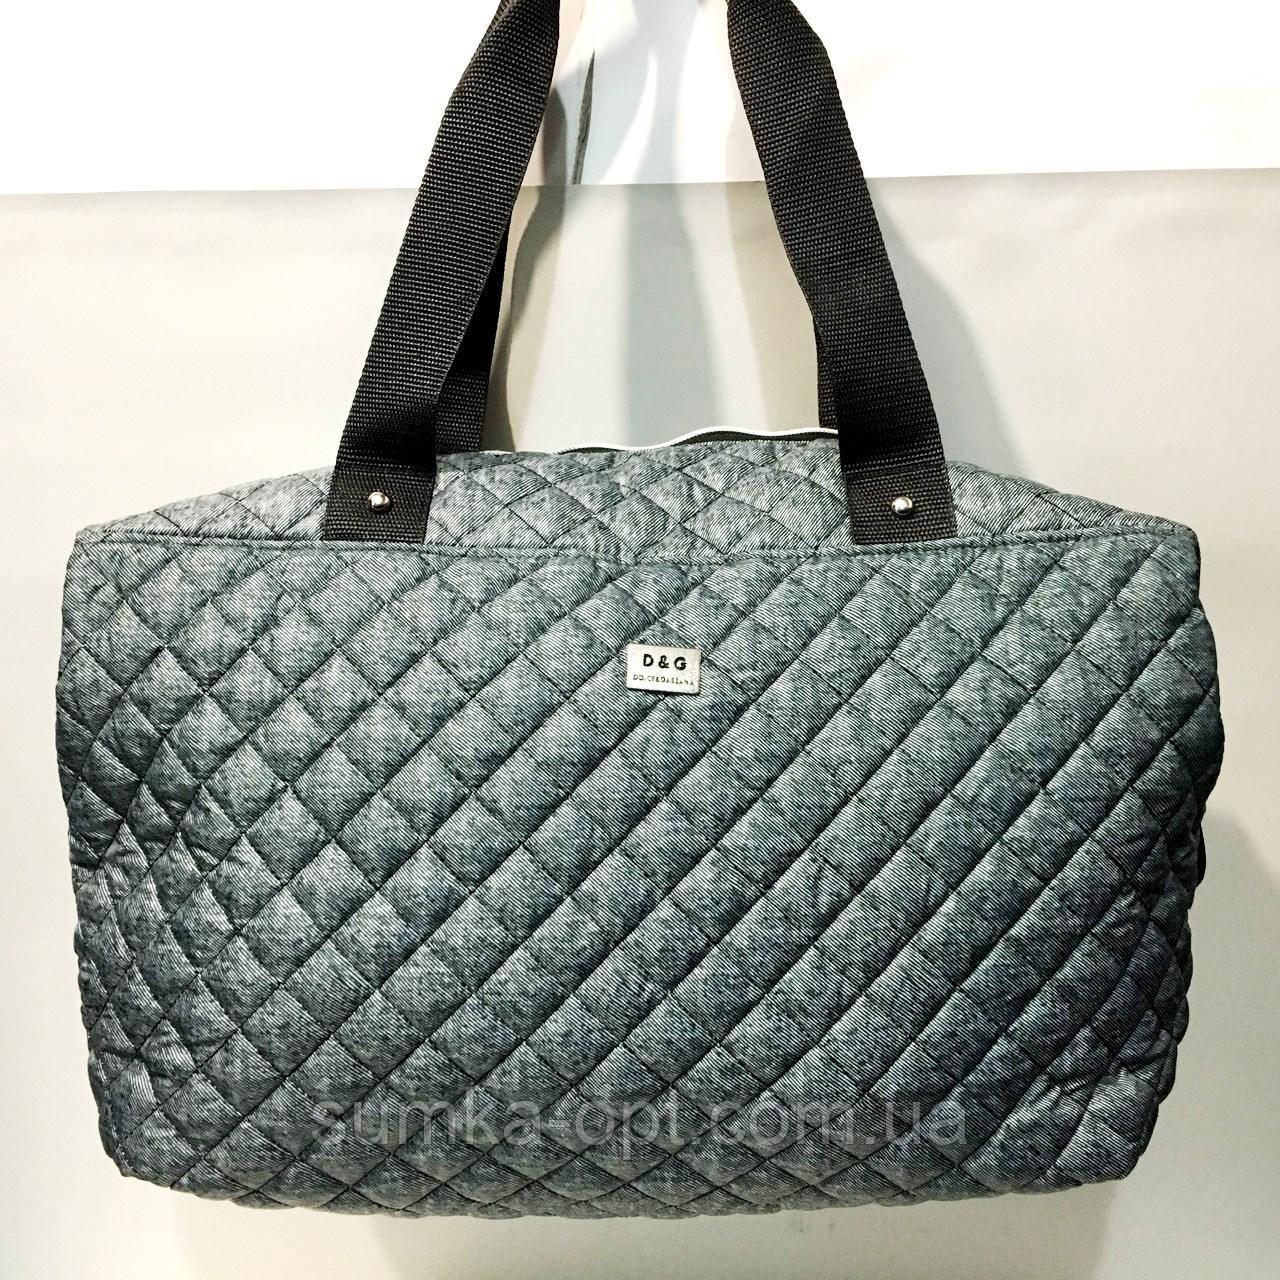 Брендовые спортивные сумки D&G (серый)28*39см